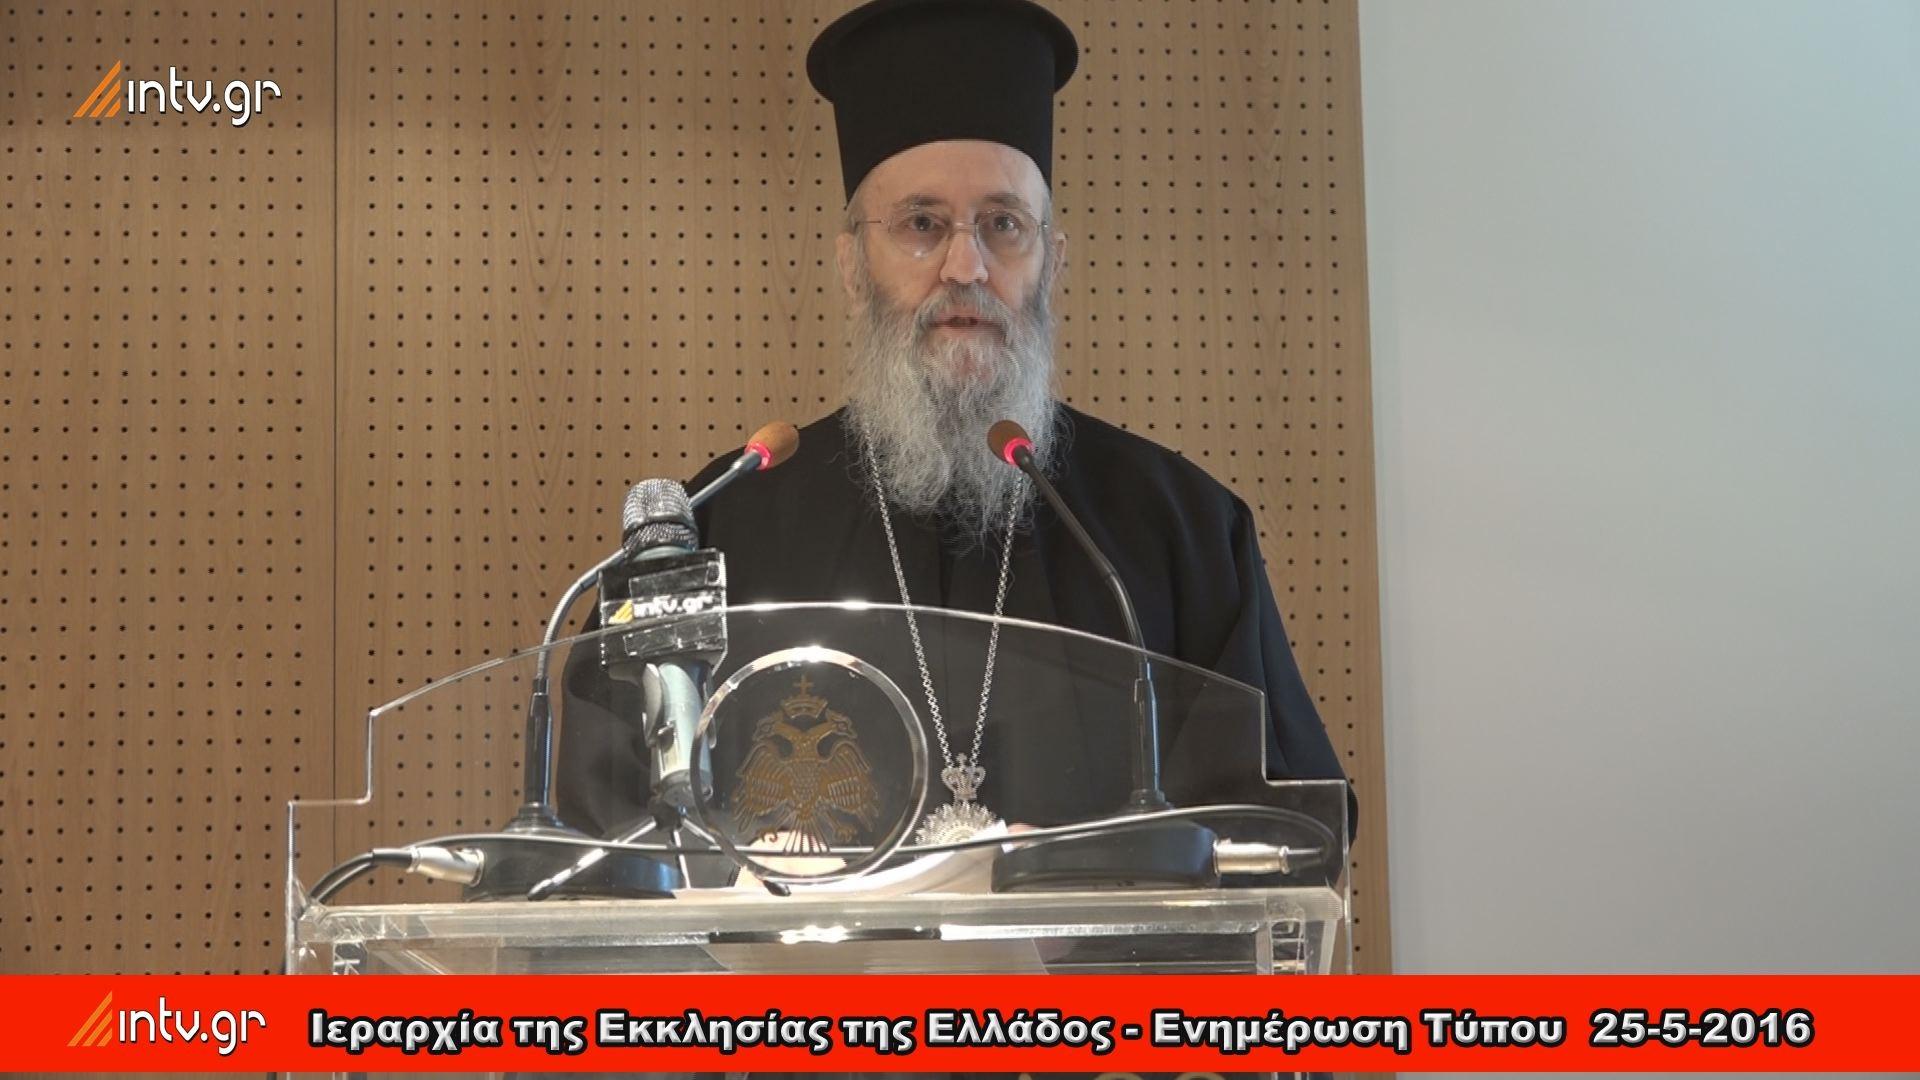 Ιεραρχία της Εκκλησίας της Ελλάδος - Ενημέρωση Τύπου  25-5-2016